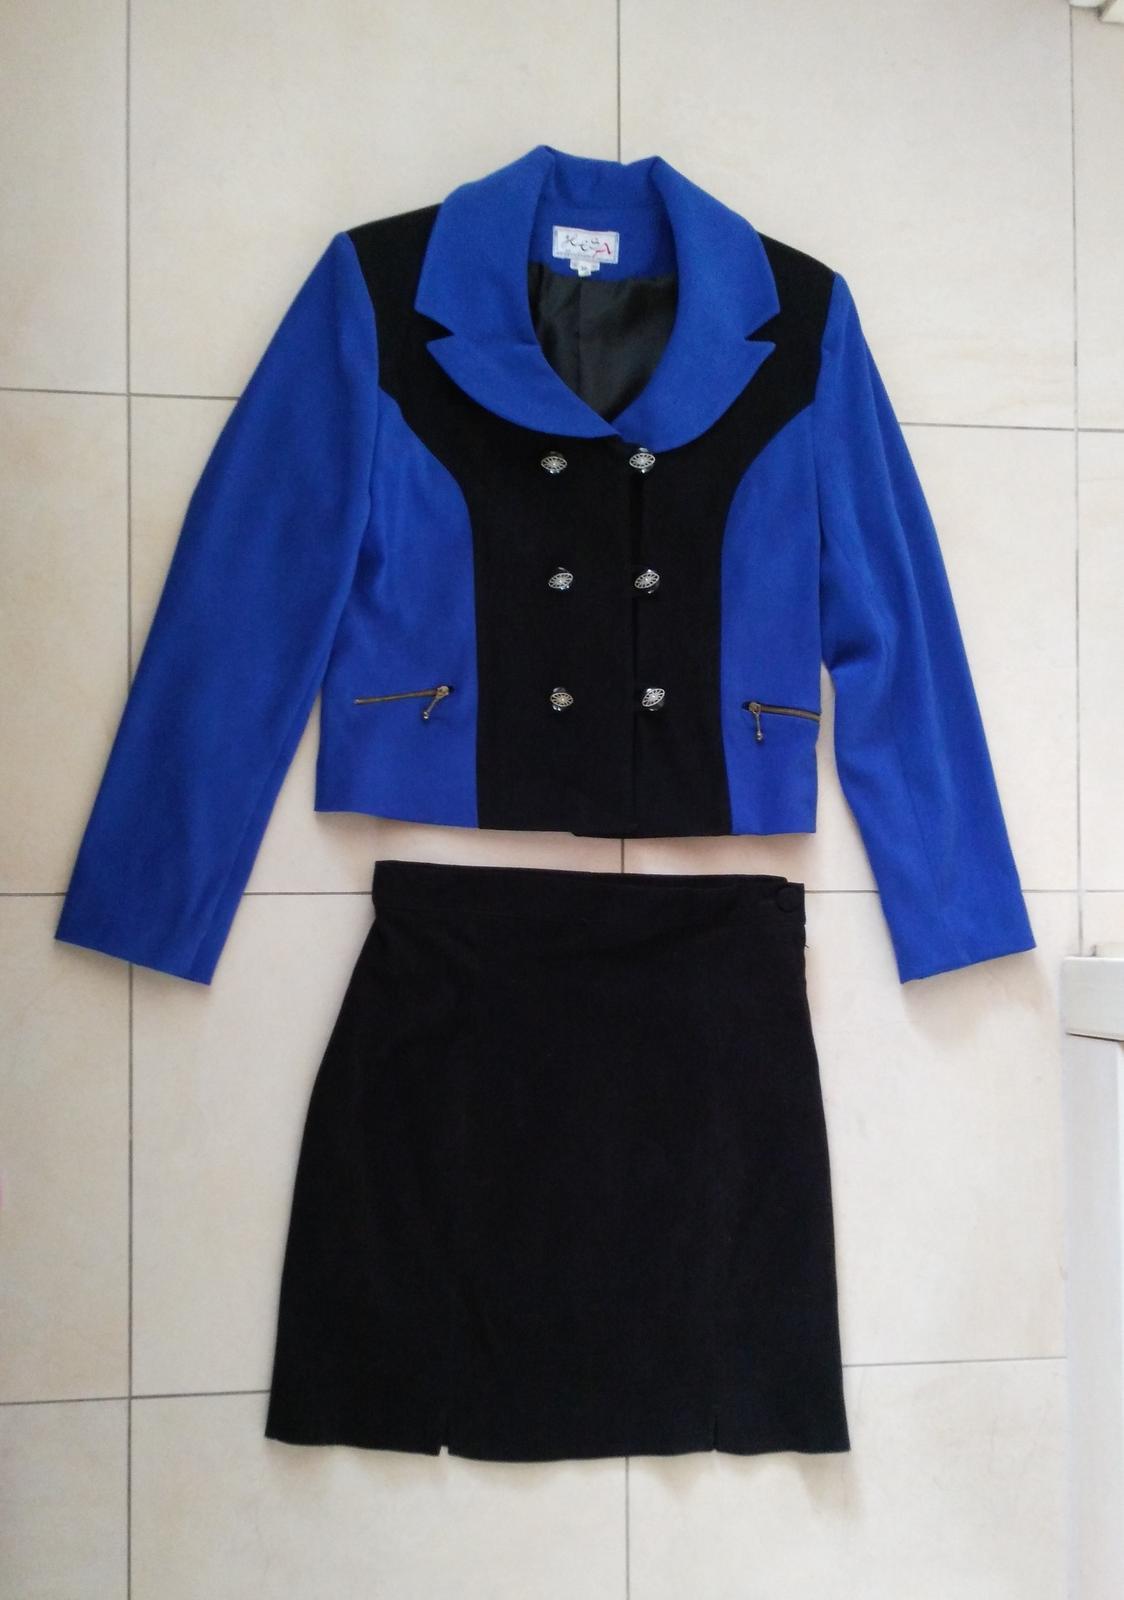 Čierno-modrý kostým sako + sukňa 38 (M) - Obrázok č. 1